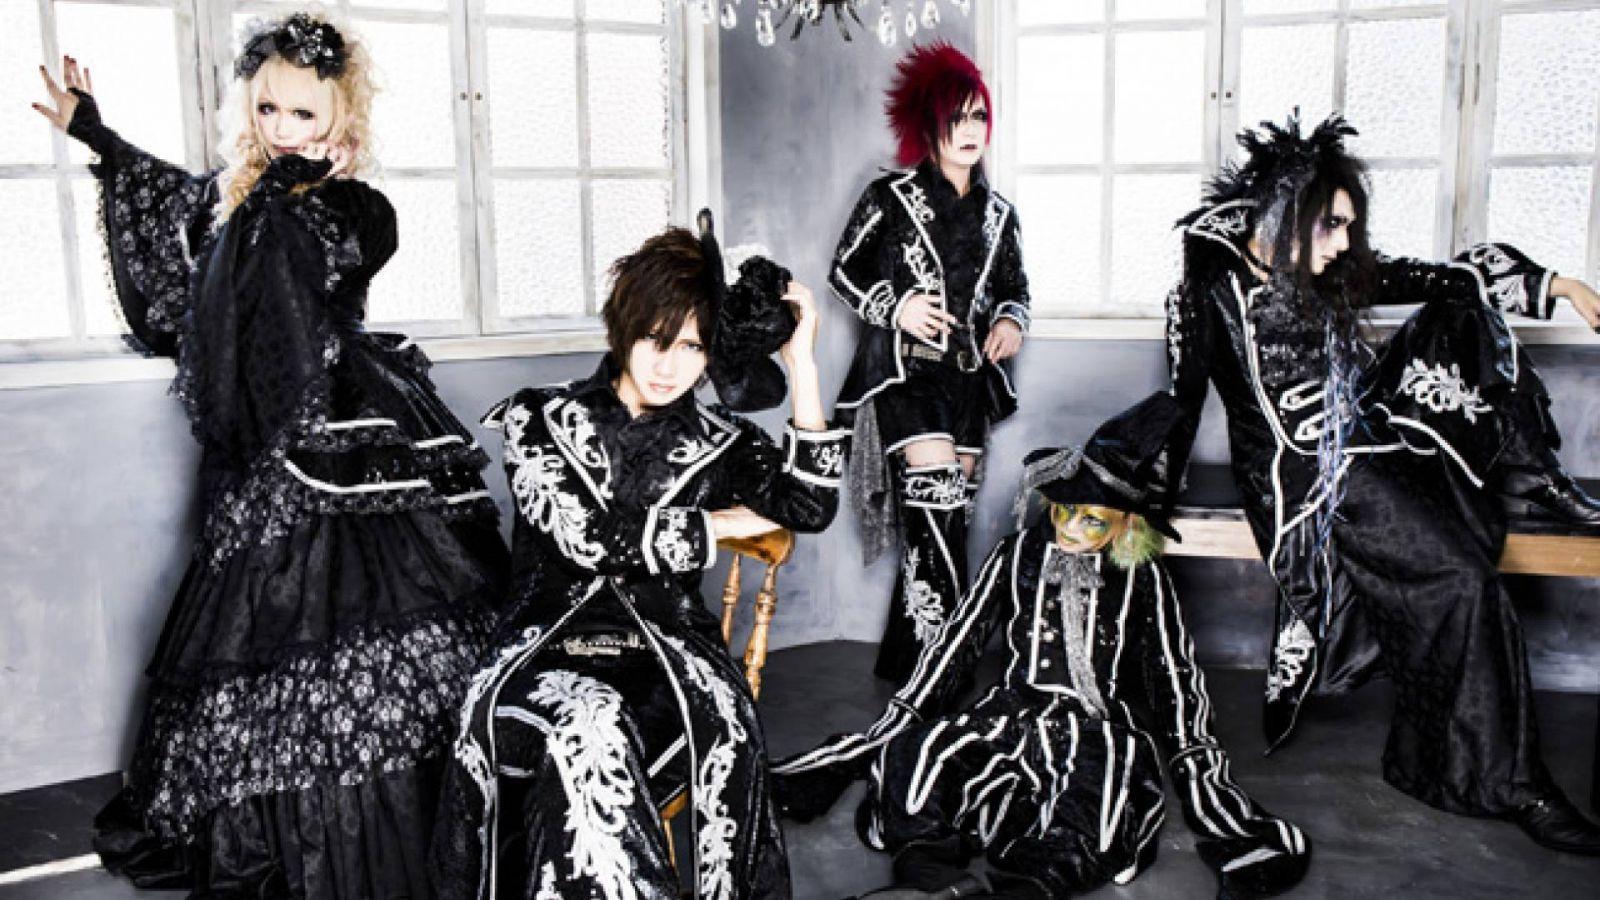 Misaruka © Misaruka / Starwave Records